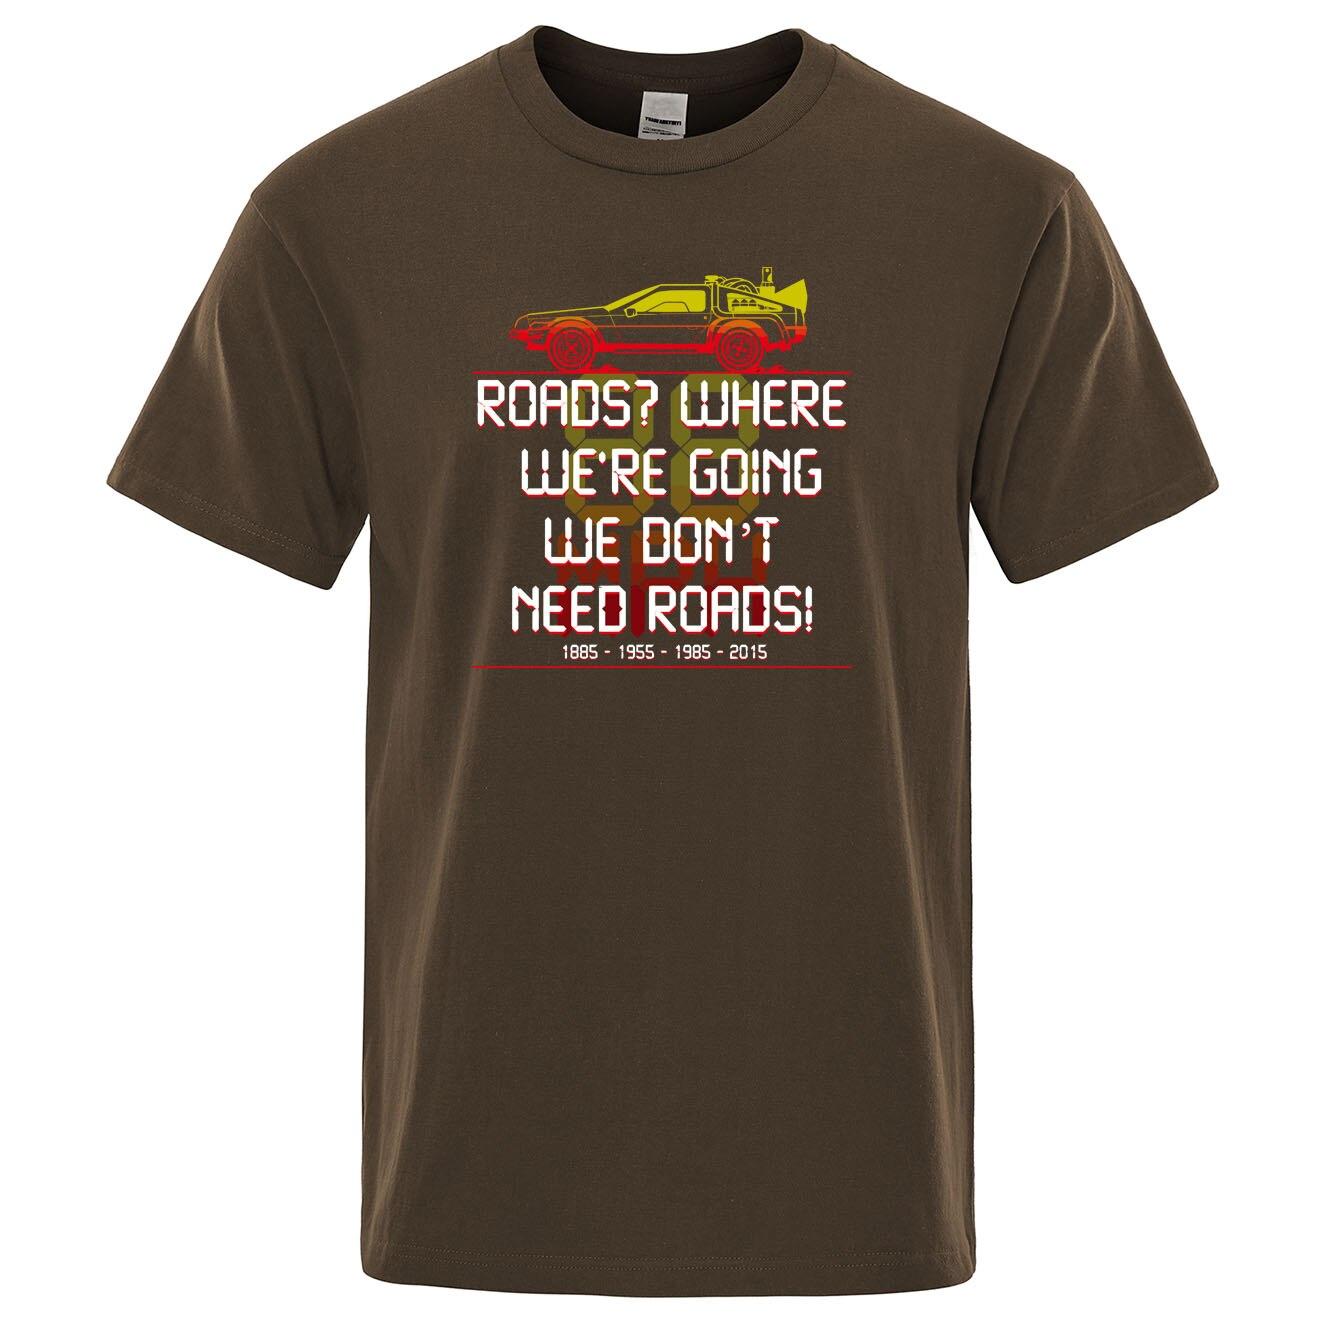 De volta ao futuro nós não precisamos estradas t camisa 2020 verão algodão marca roupas humor camiseta vintage casual legal camiseta